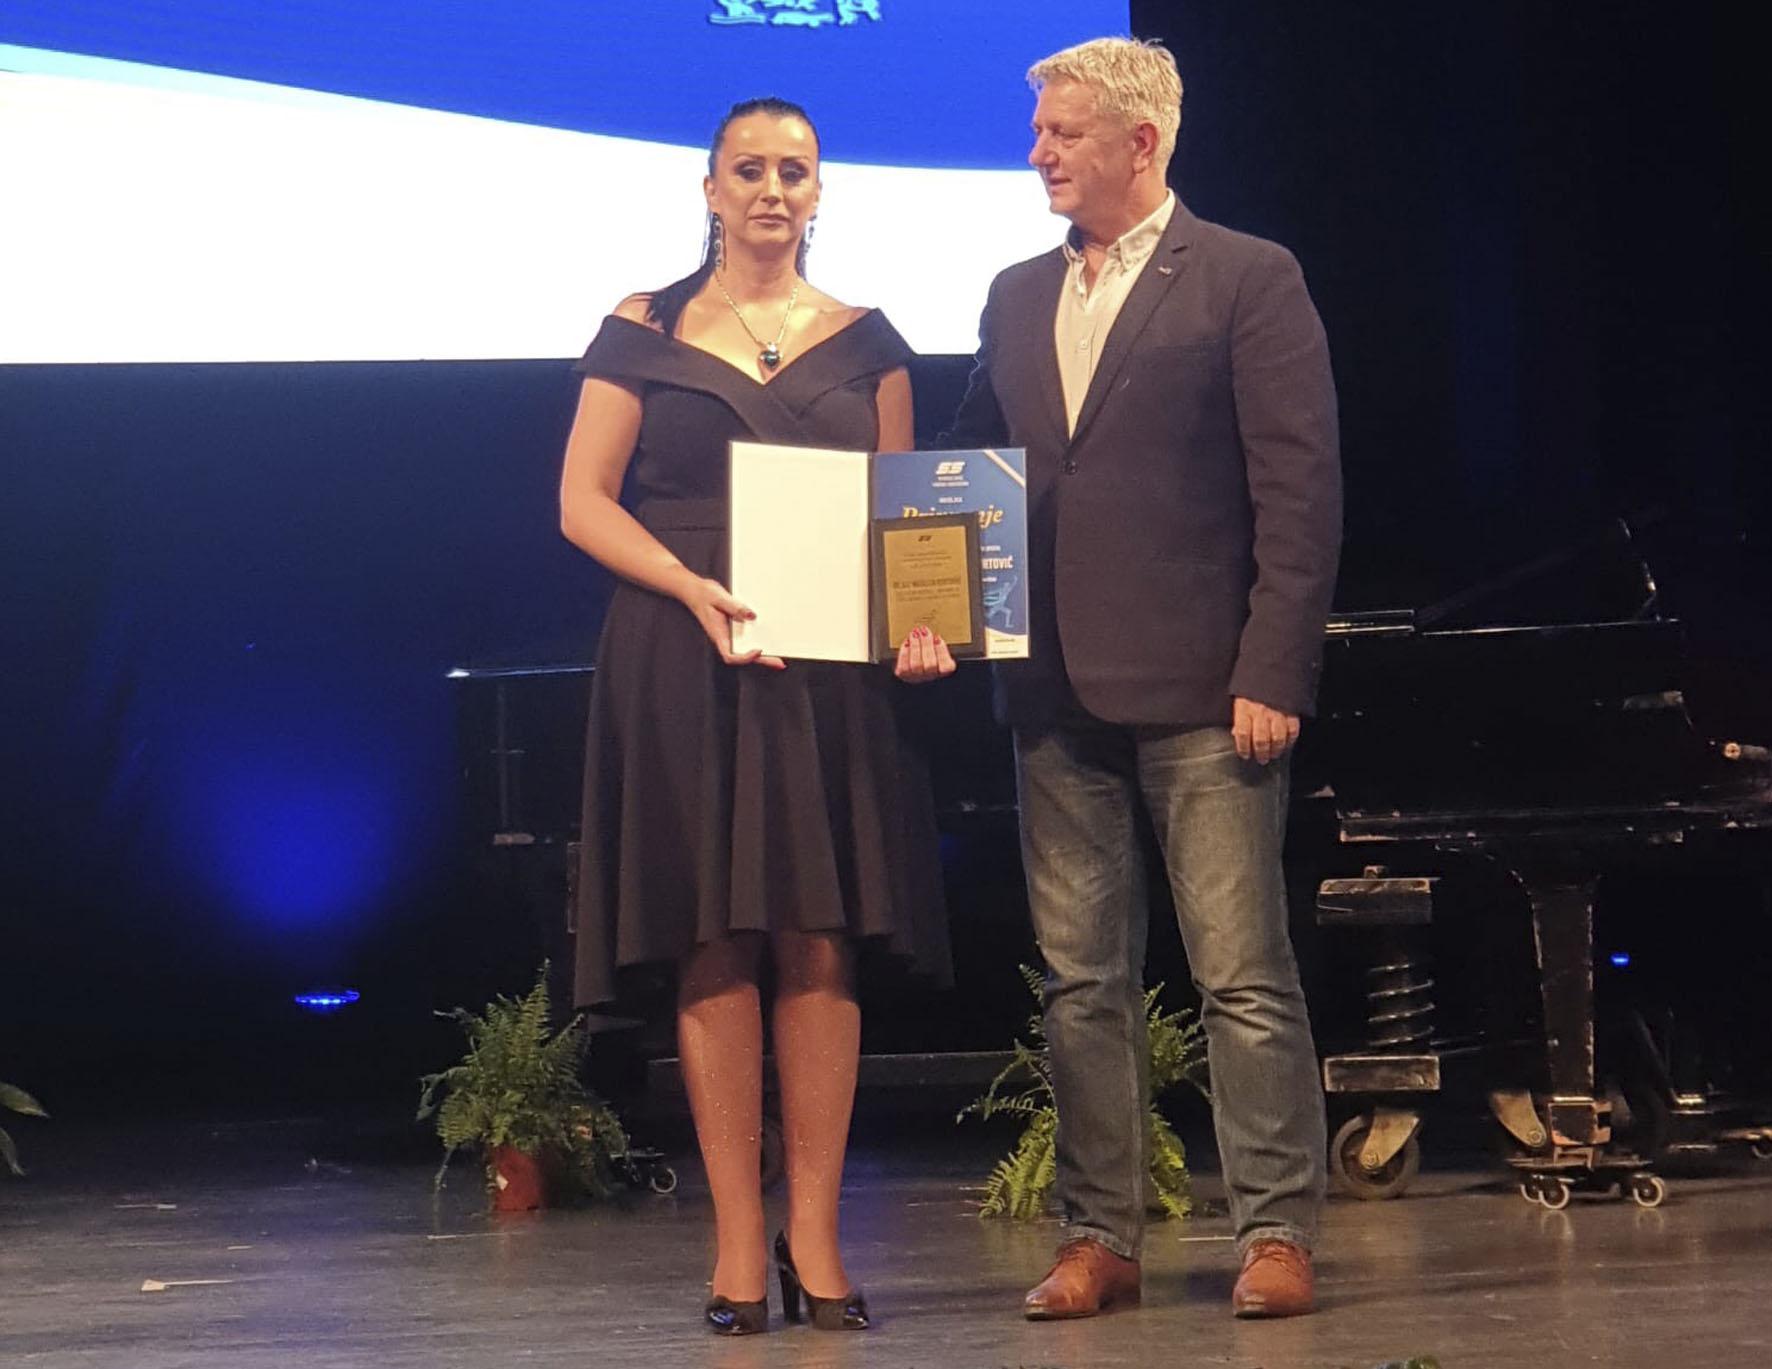 Docentica Natalija Kurtović dobitnica Specijalnog priznanja Sportskog saveza BiH